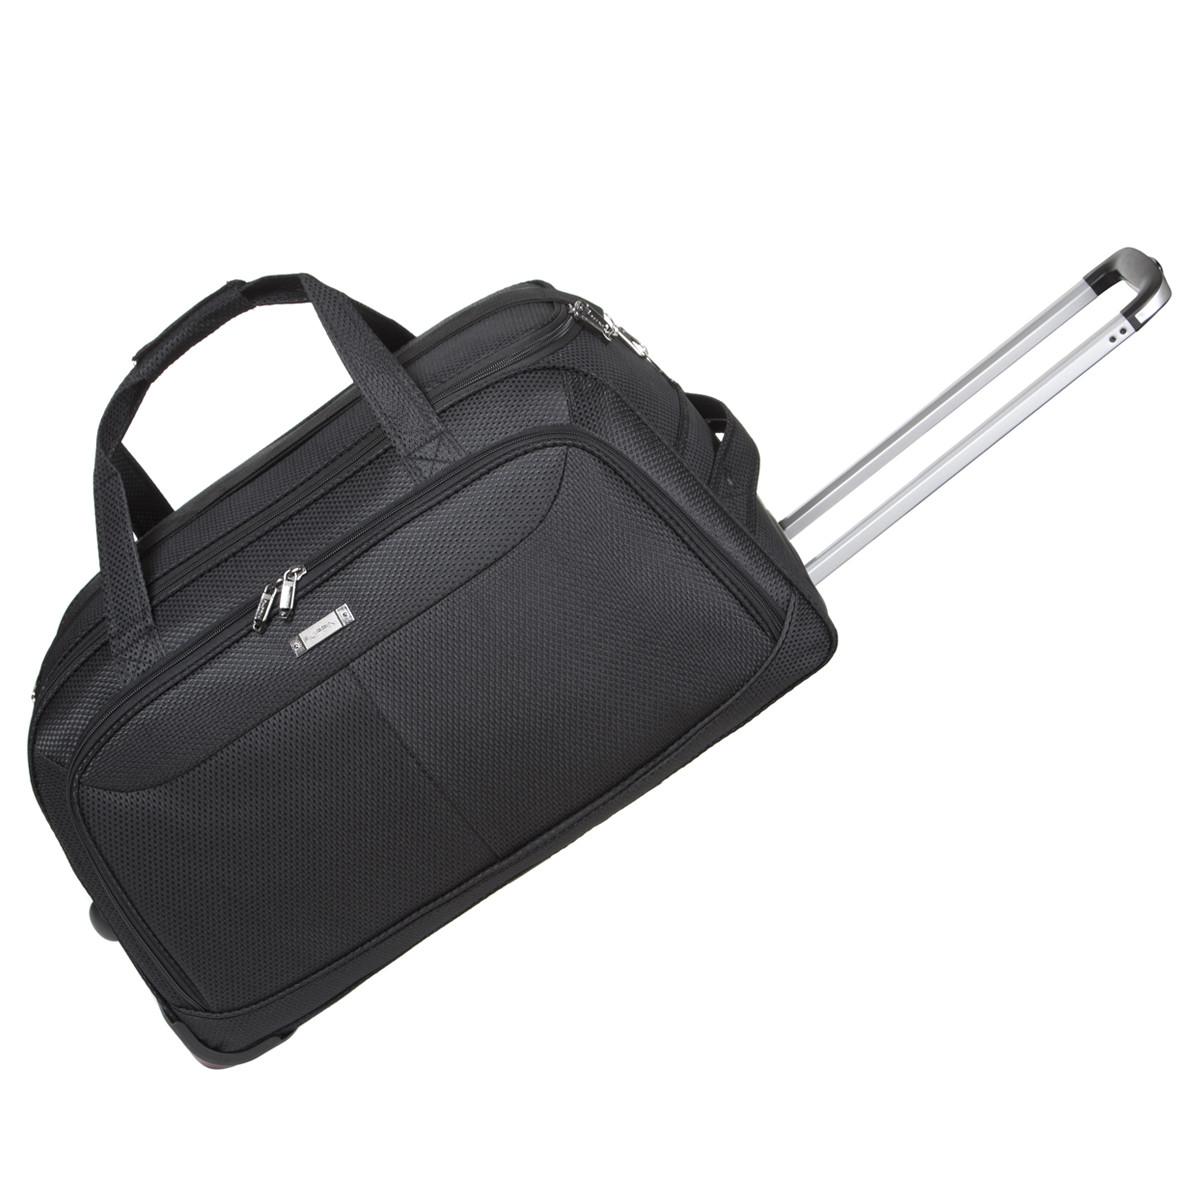 Дорожная сумка средняя FILIPPINI три колеса 62х33х38  выдвижная ручка  черный цвет   ксТ0045чср